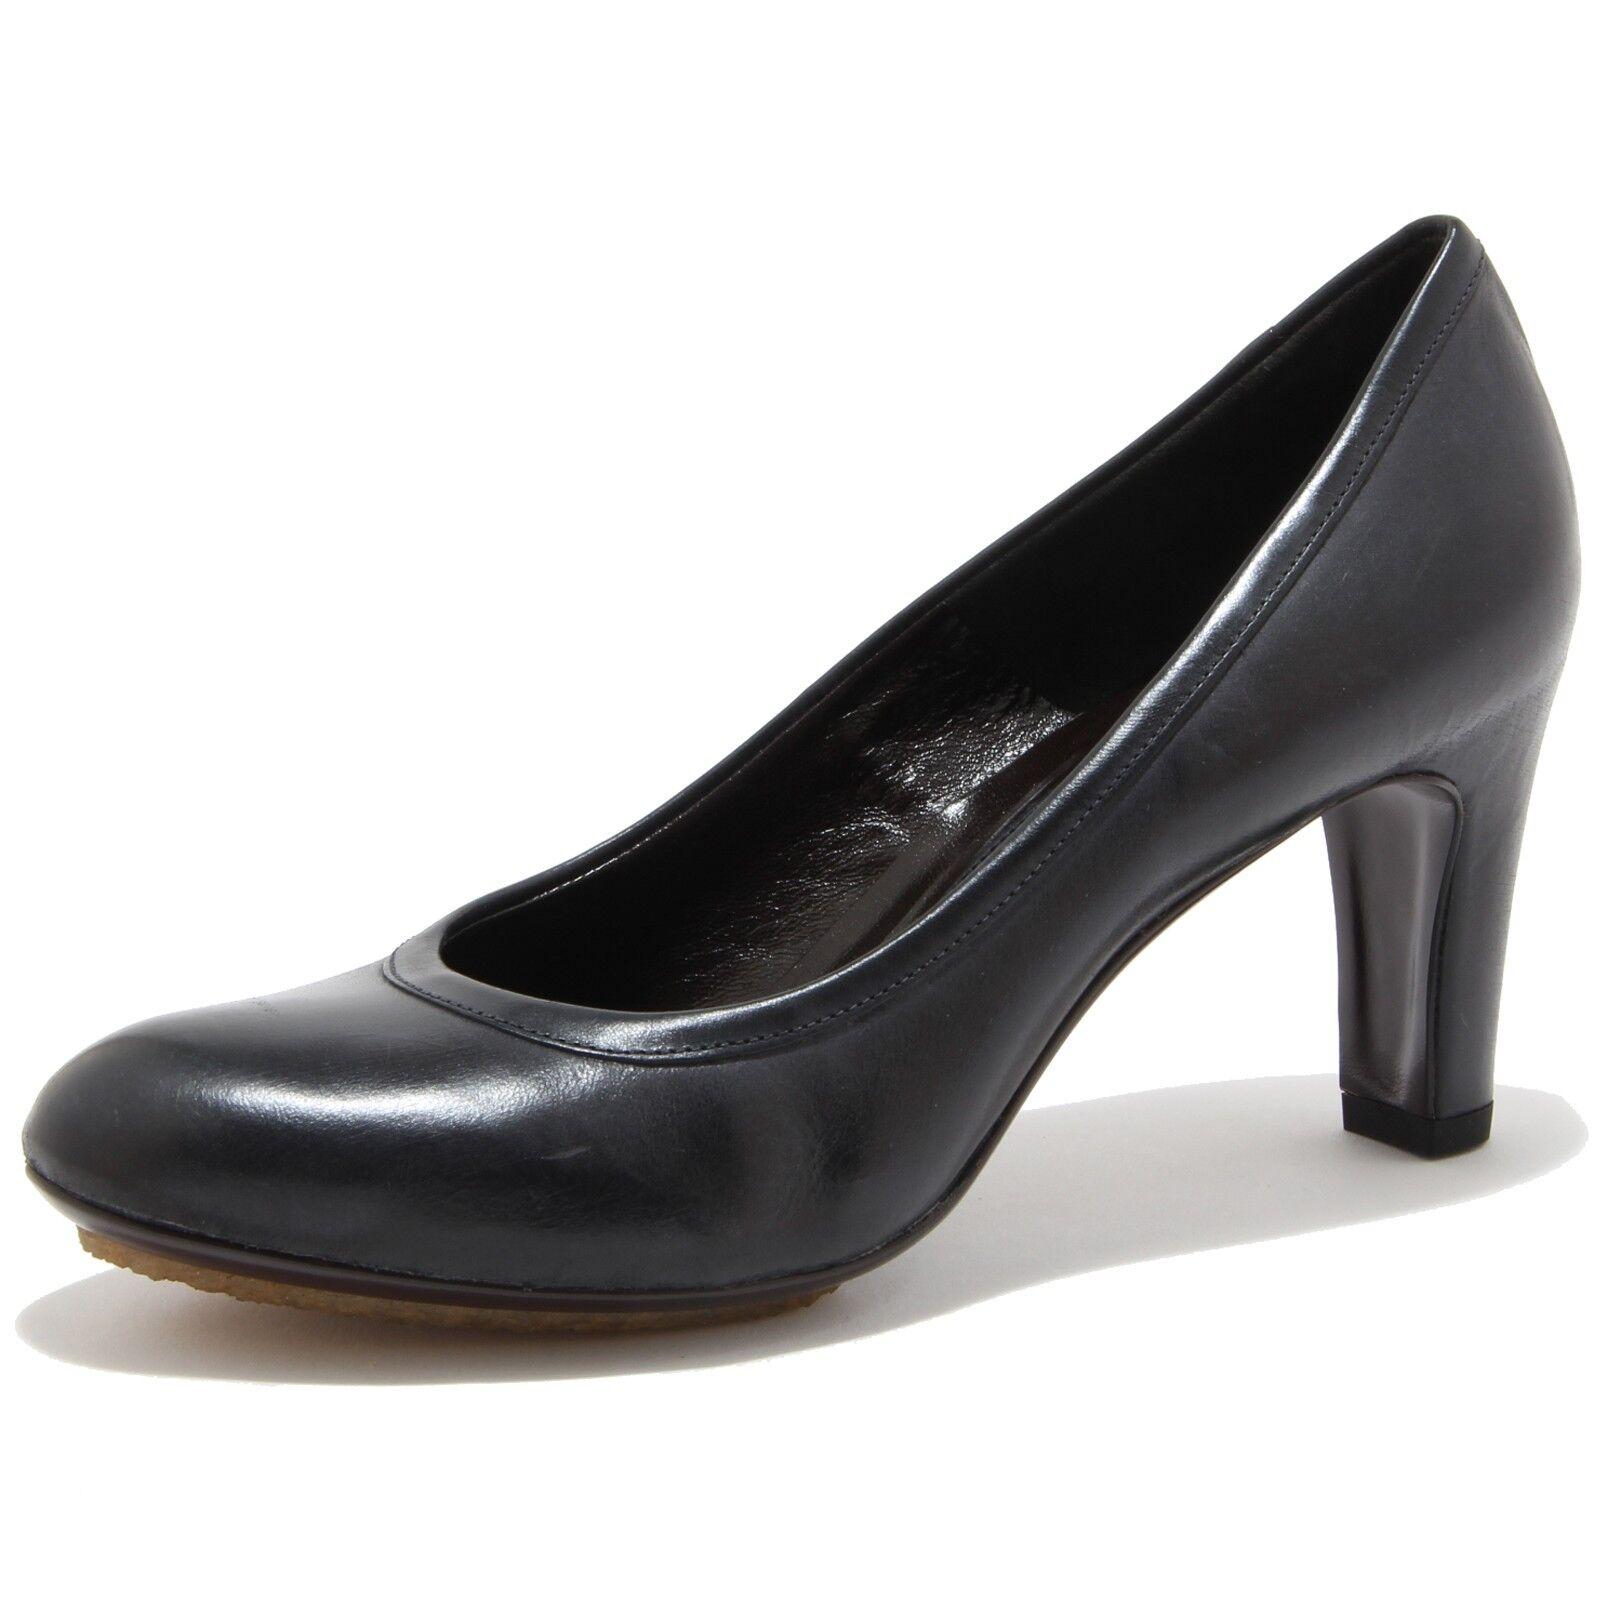 46750 46750 46750 tres gris SCURO Roberto del Carlo Scarpa mujer Mujeres Zapatos  mejor vendido